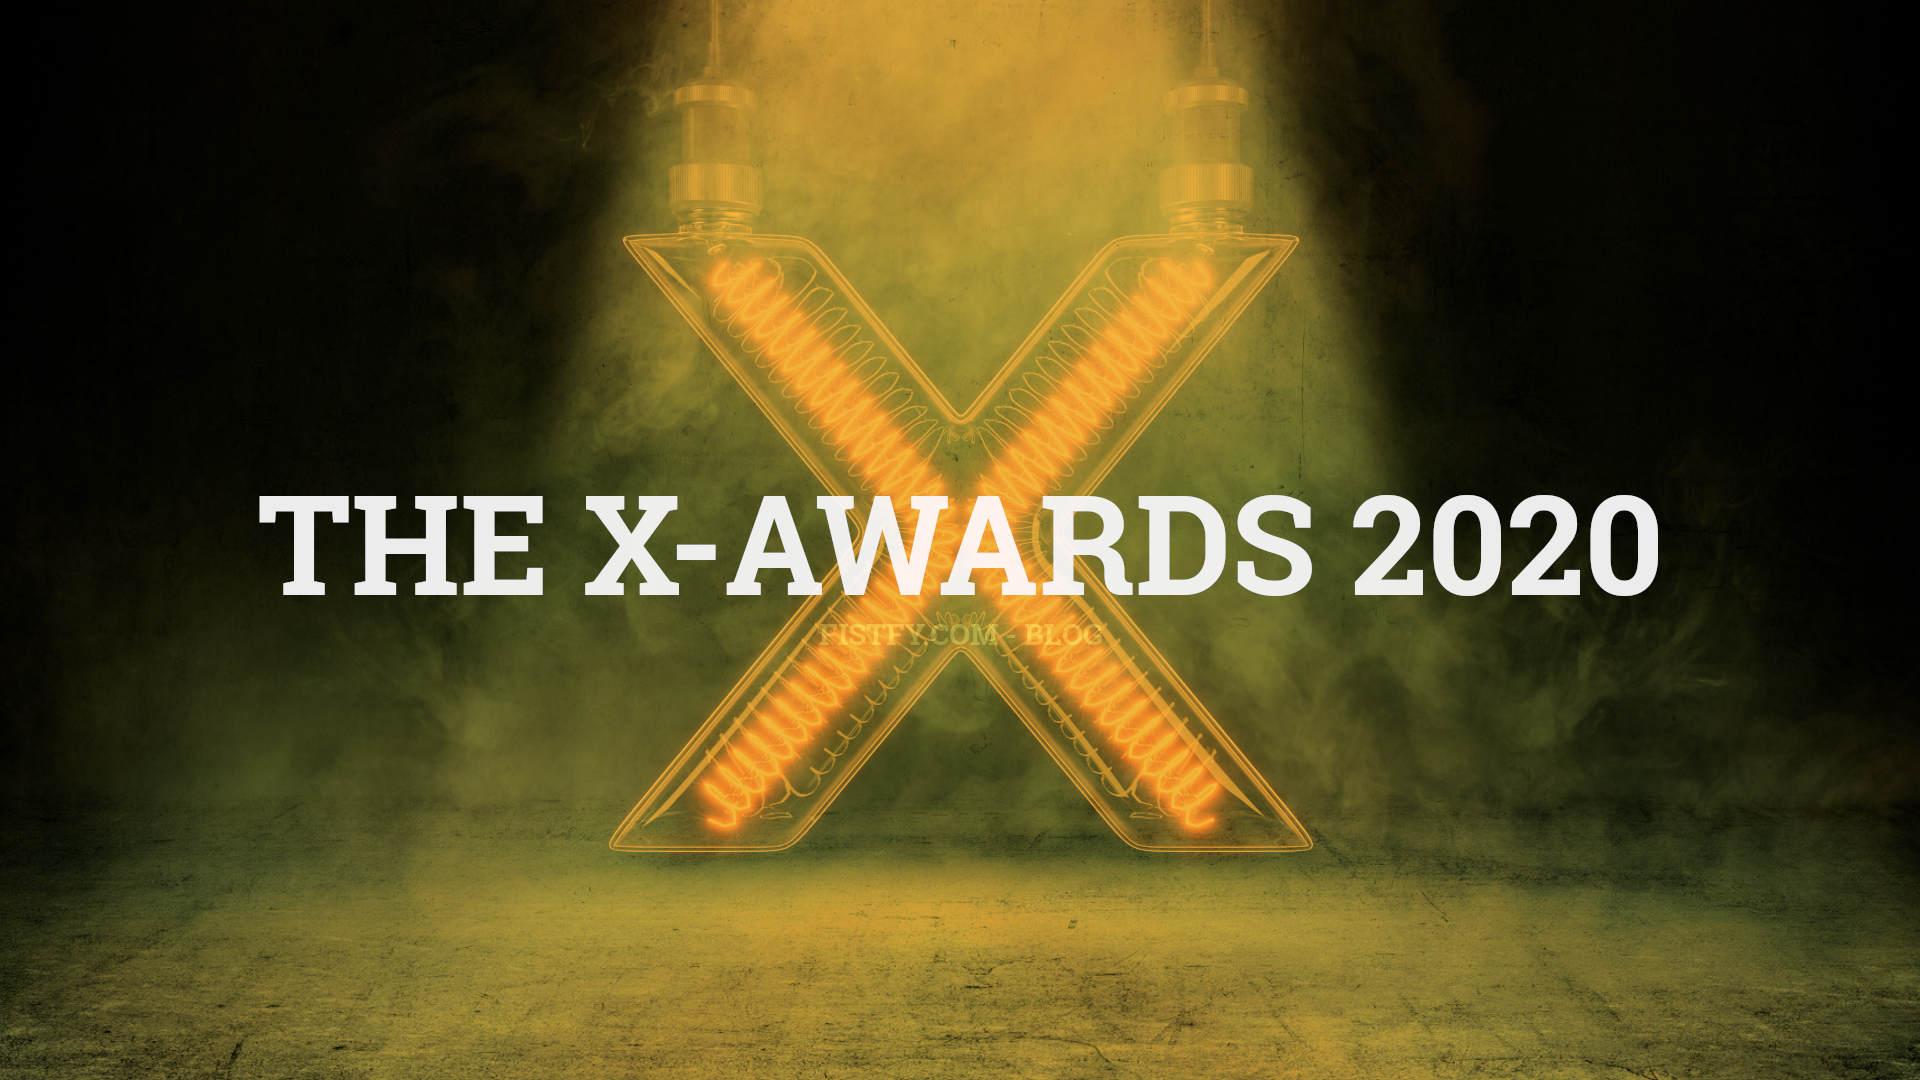 THE X-AWARDS 2020